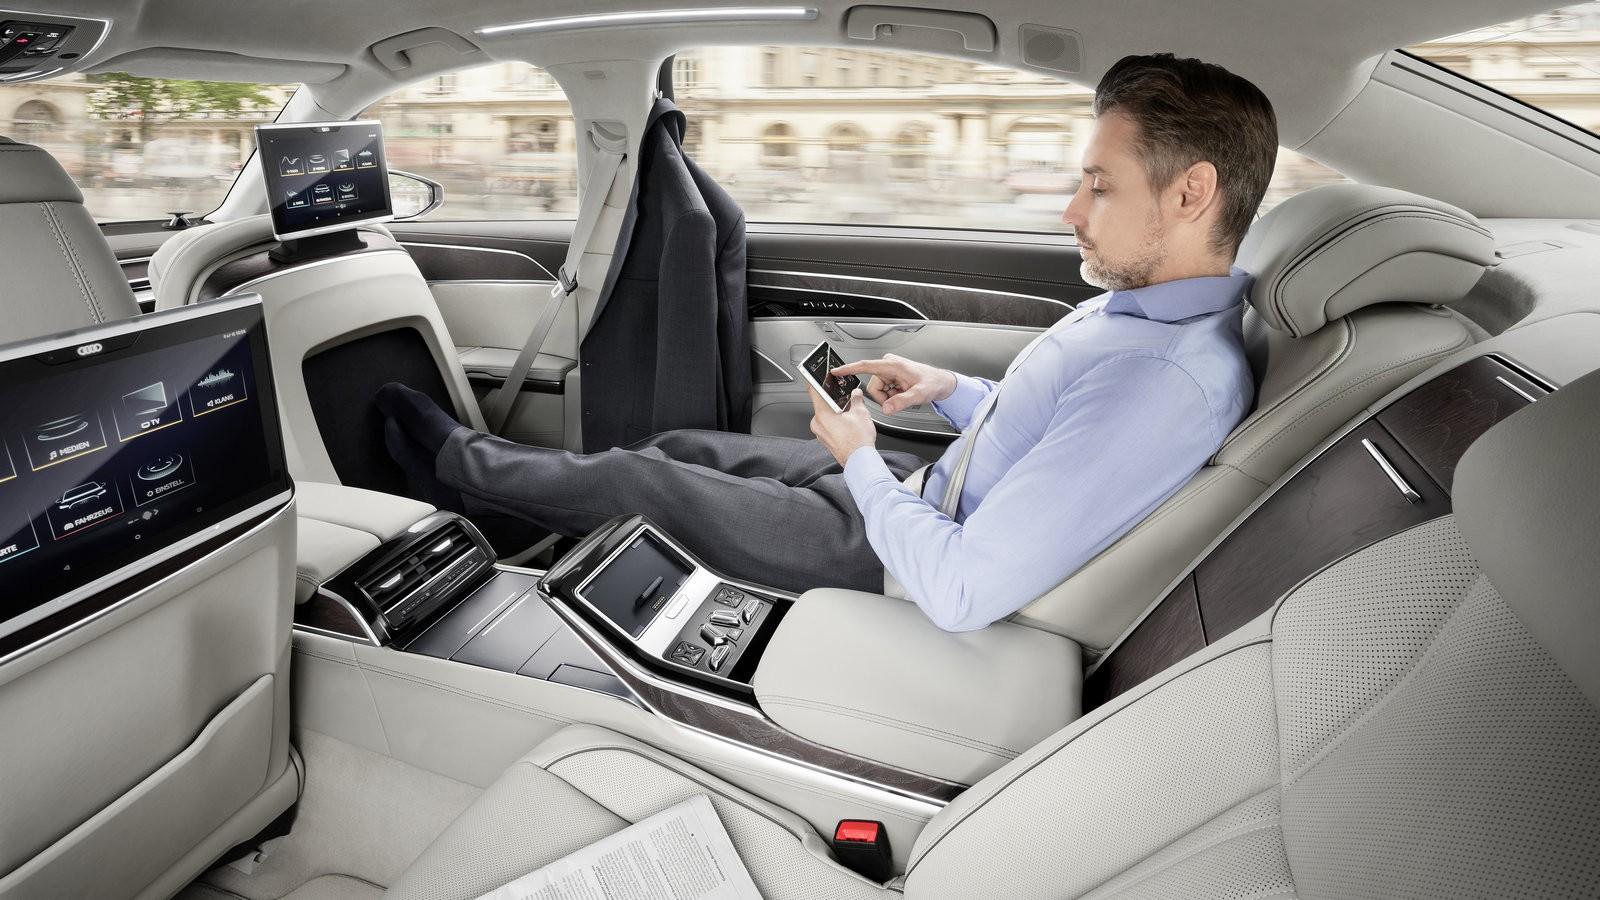 Сидя в этом кресле пассажир может греть и массировать ступни ног на блоке со множеством настроек, встроенном в спинку переднего сиденья.